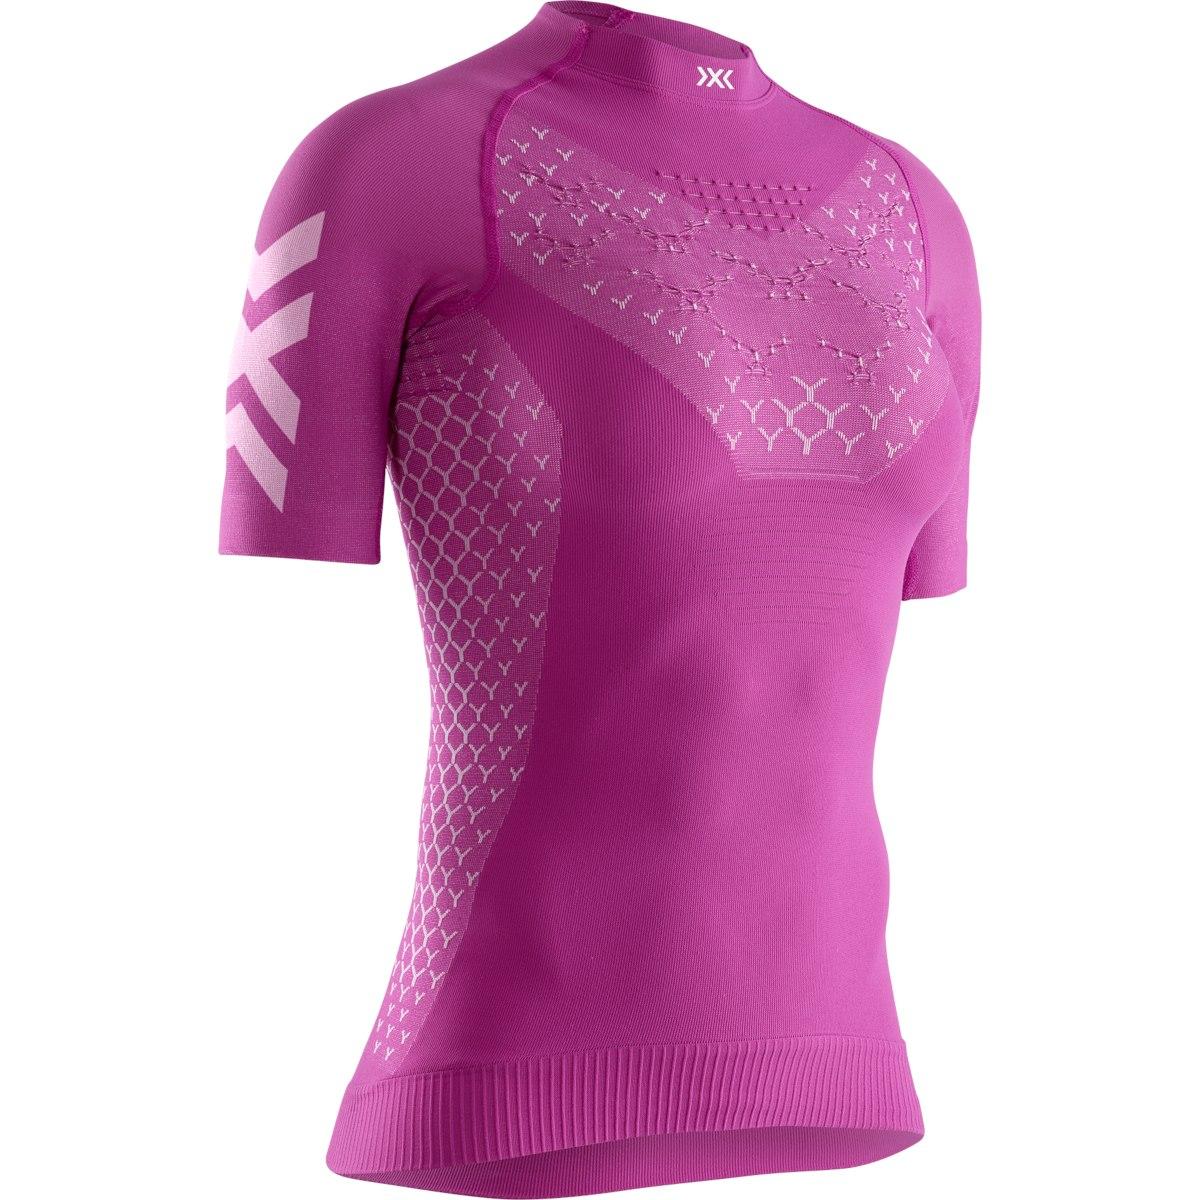 X-Bionic TWYCE 4.0 Run Camiseta Mujer - twyce purple/arctic white